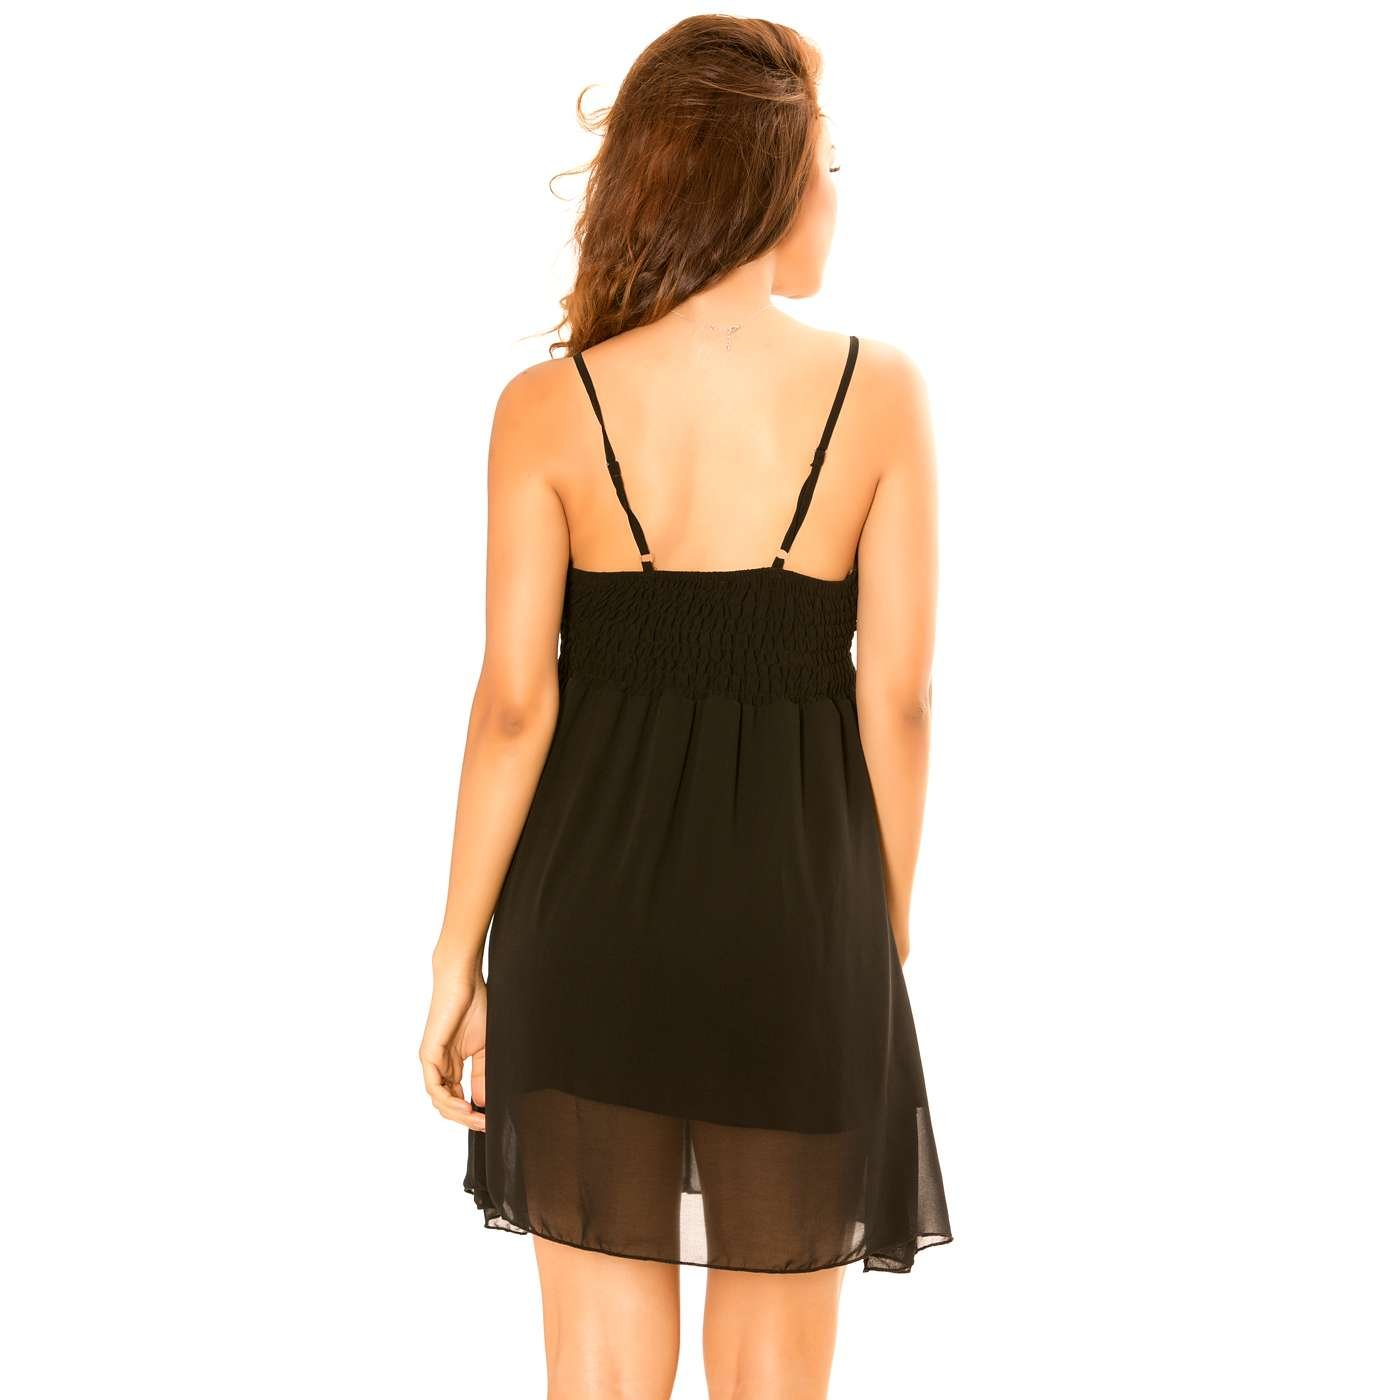 38ce1a99c22 Miss Wear Line - Robe Noire col v à Bretelle Robe en Voilage doublée avec  Froufrou au col  Amazon.fr  Vêtements et accessoires